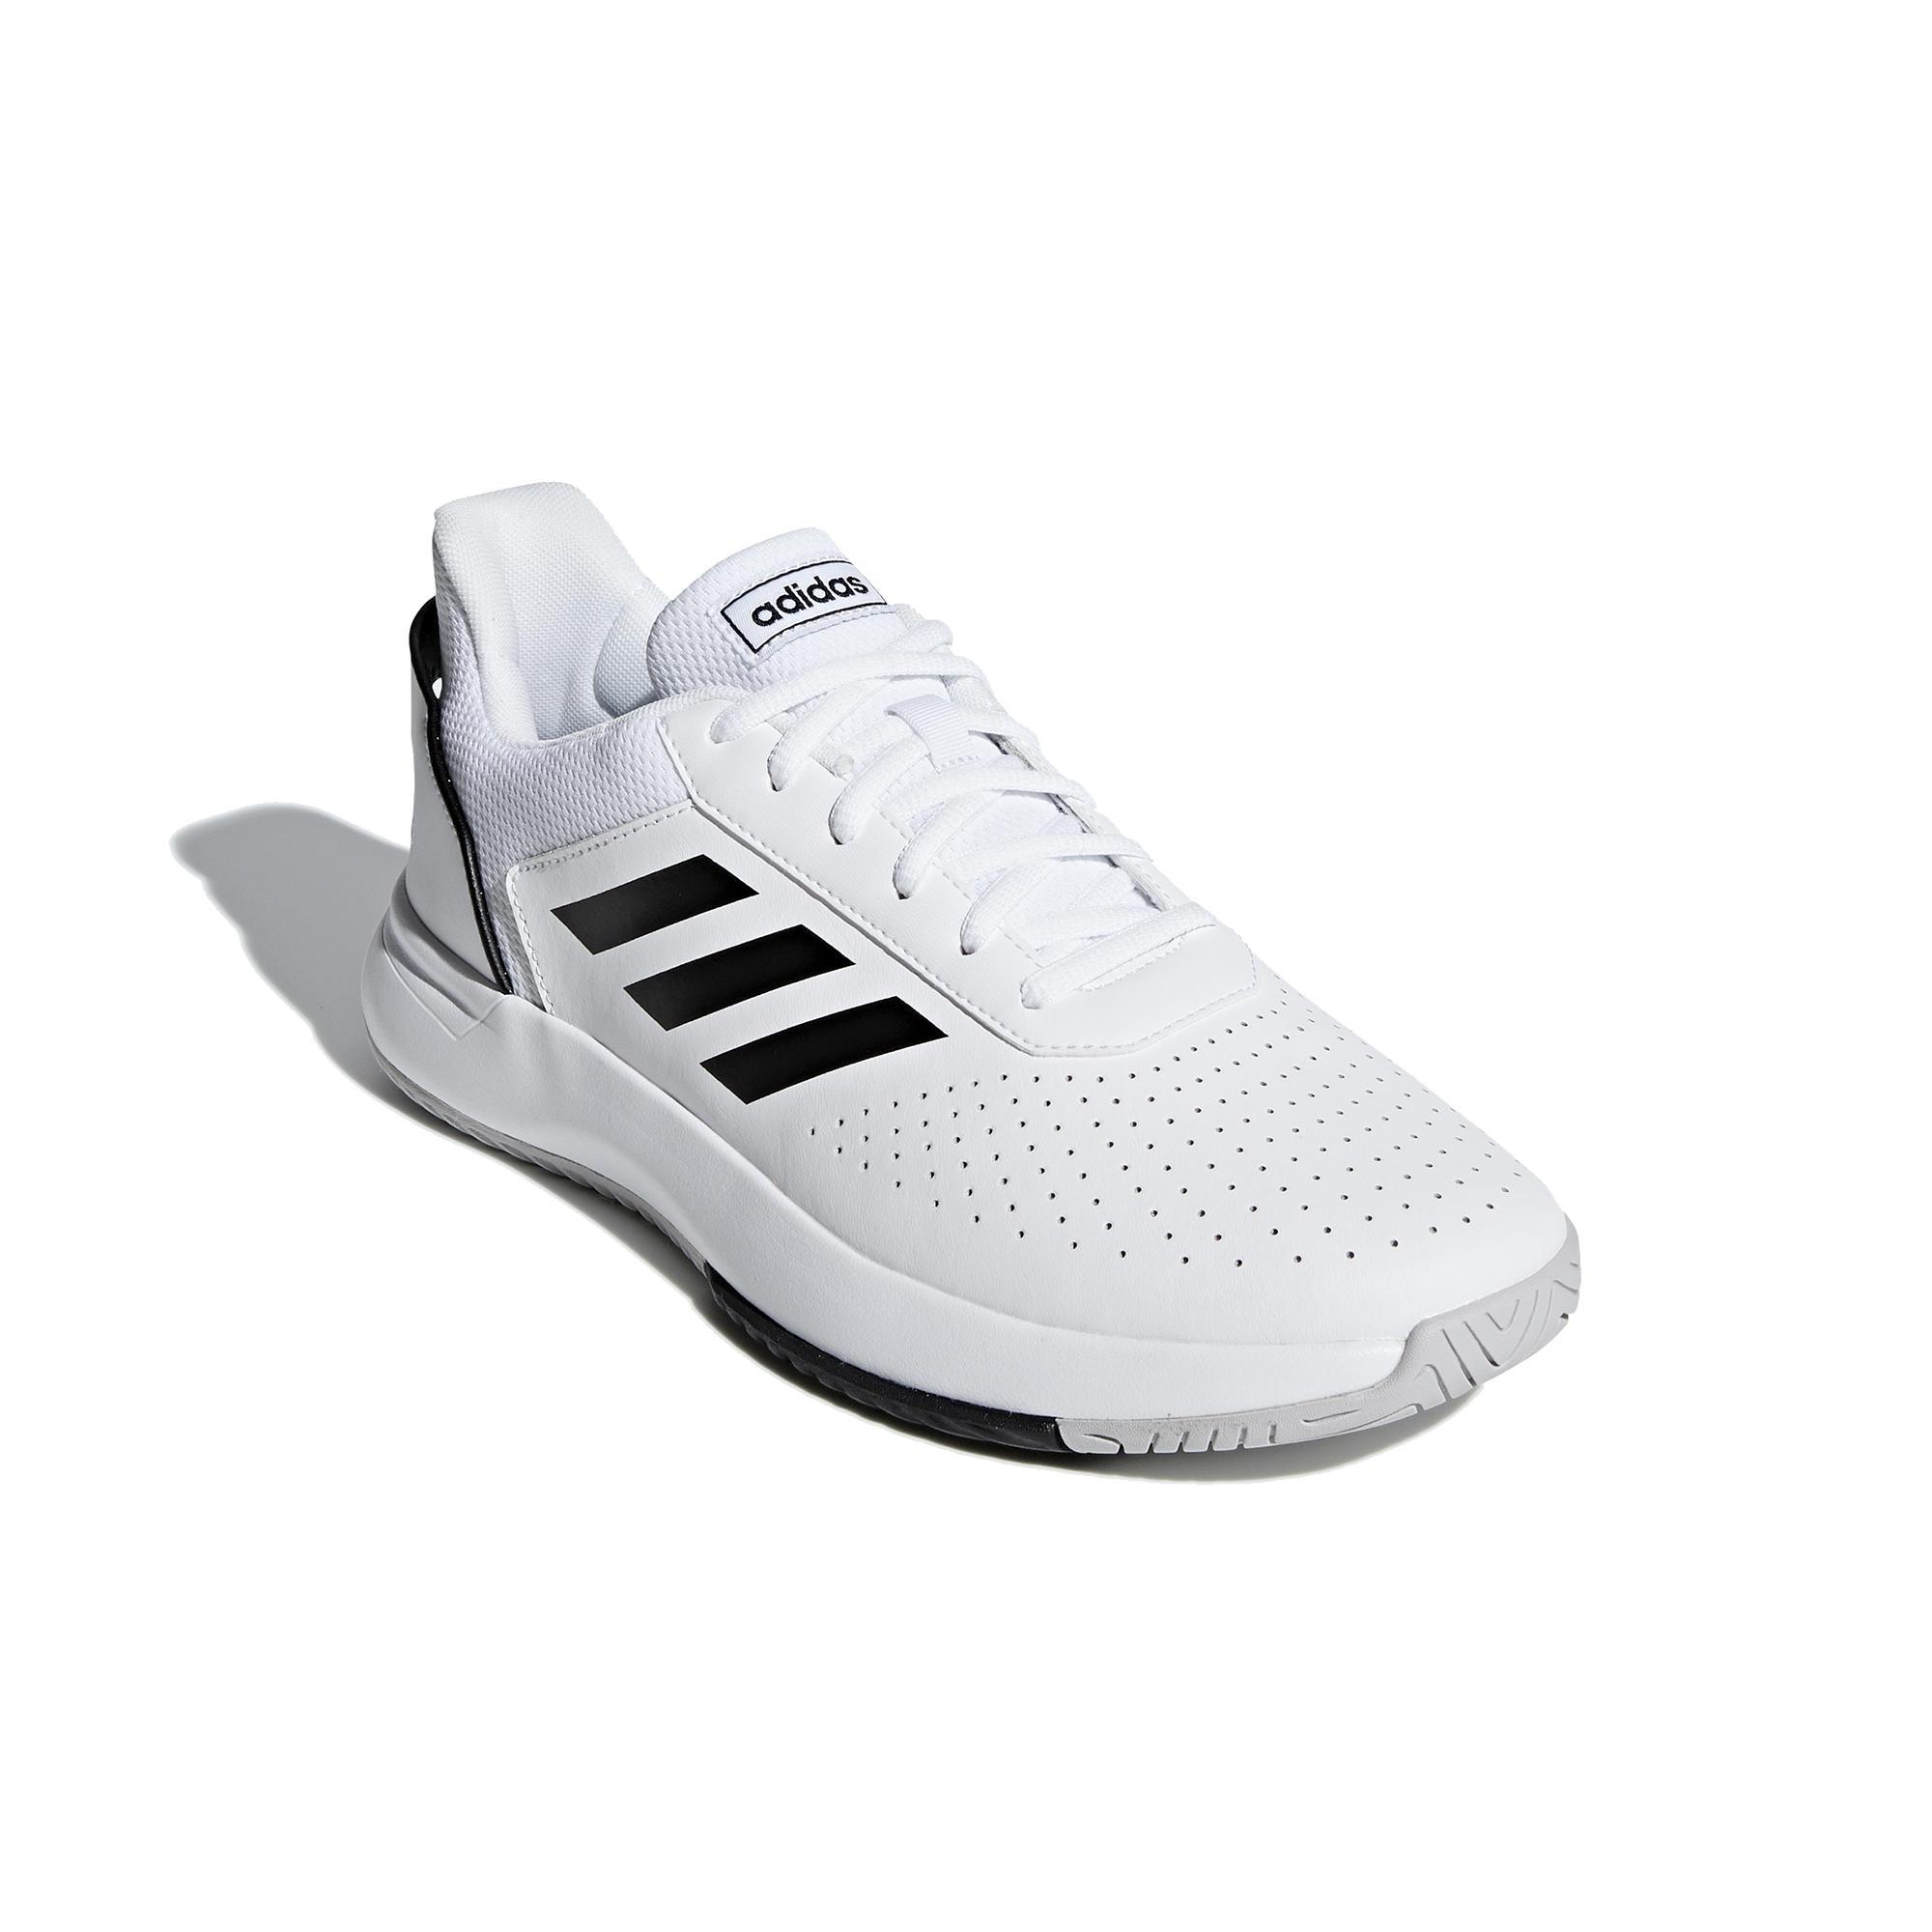 noche harto Natura  Comprar Zapatillas y Calzado de Tenis Hombre | Decathlon